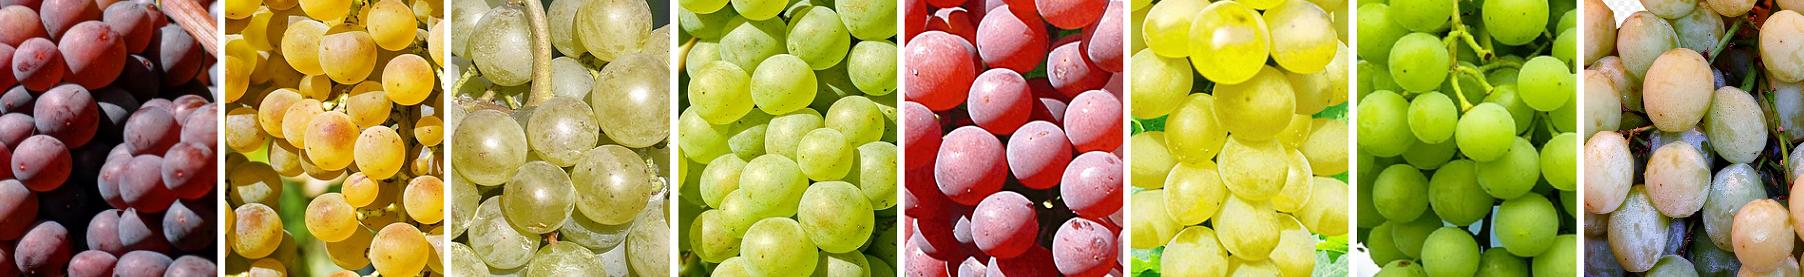 white - white wine grapes